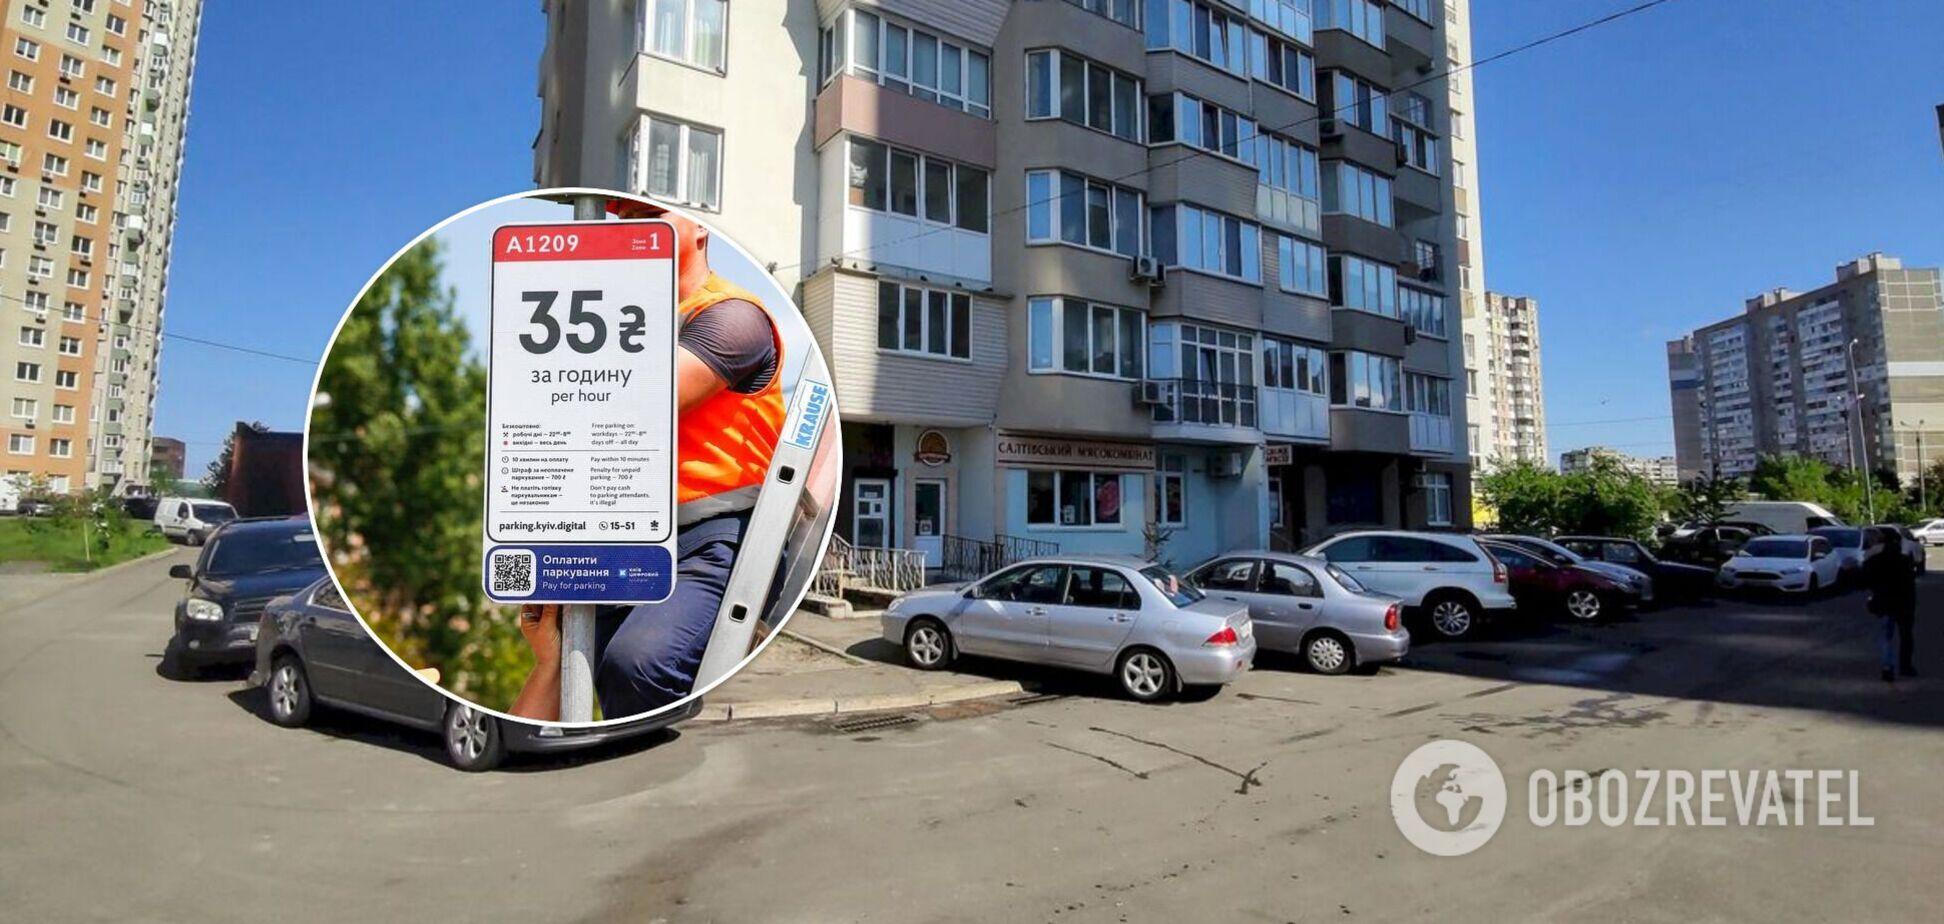 Облаштуванням платних парковок поки ніхто не займався